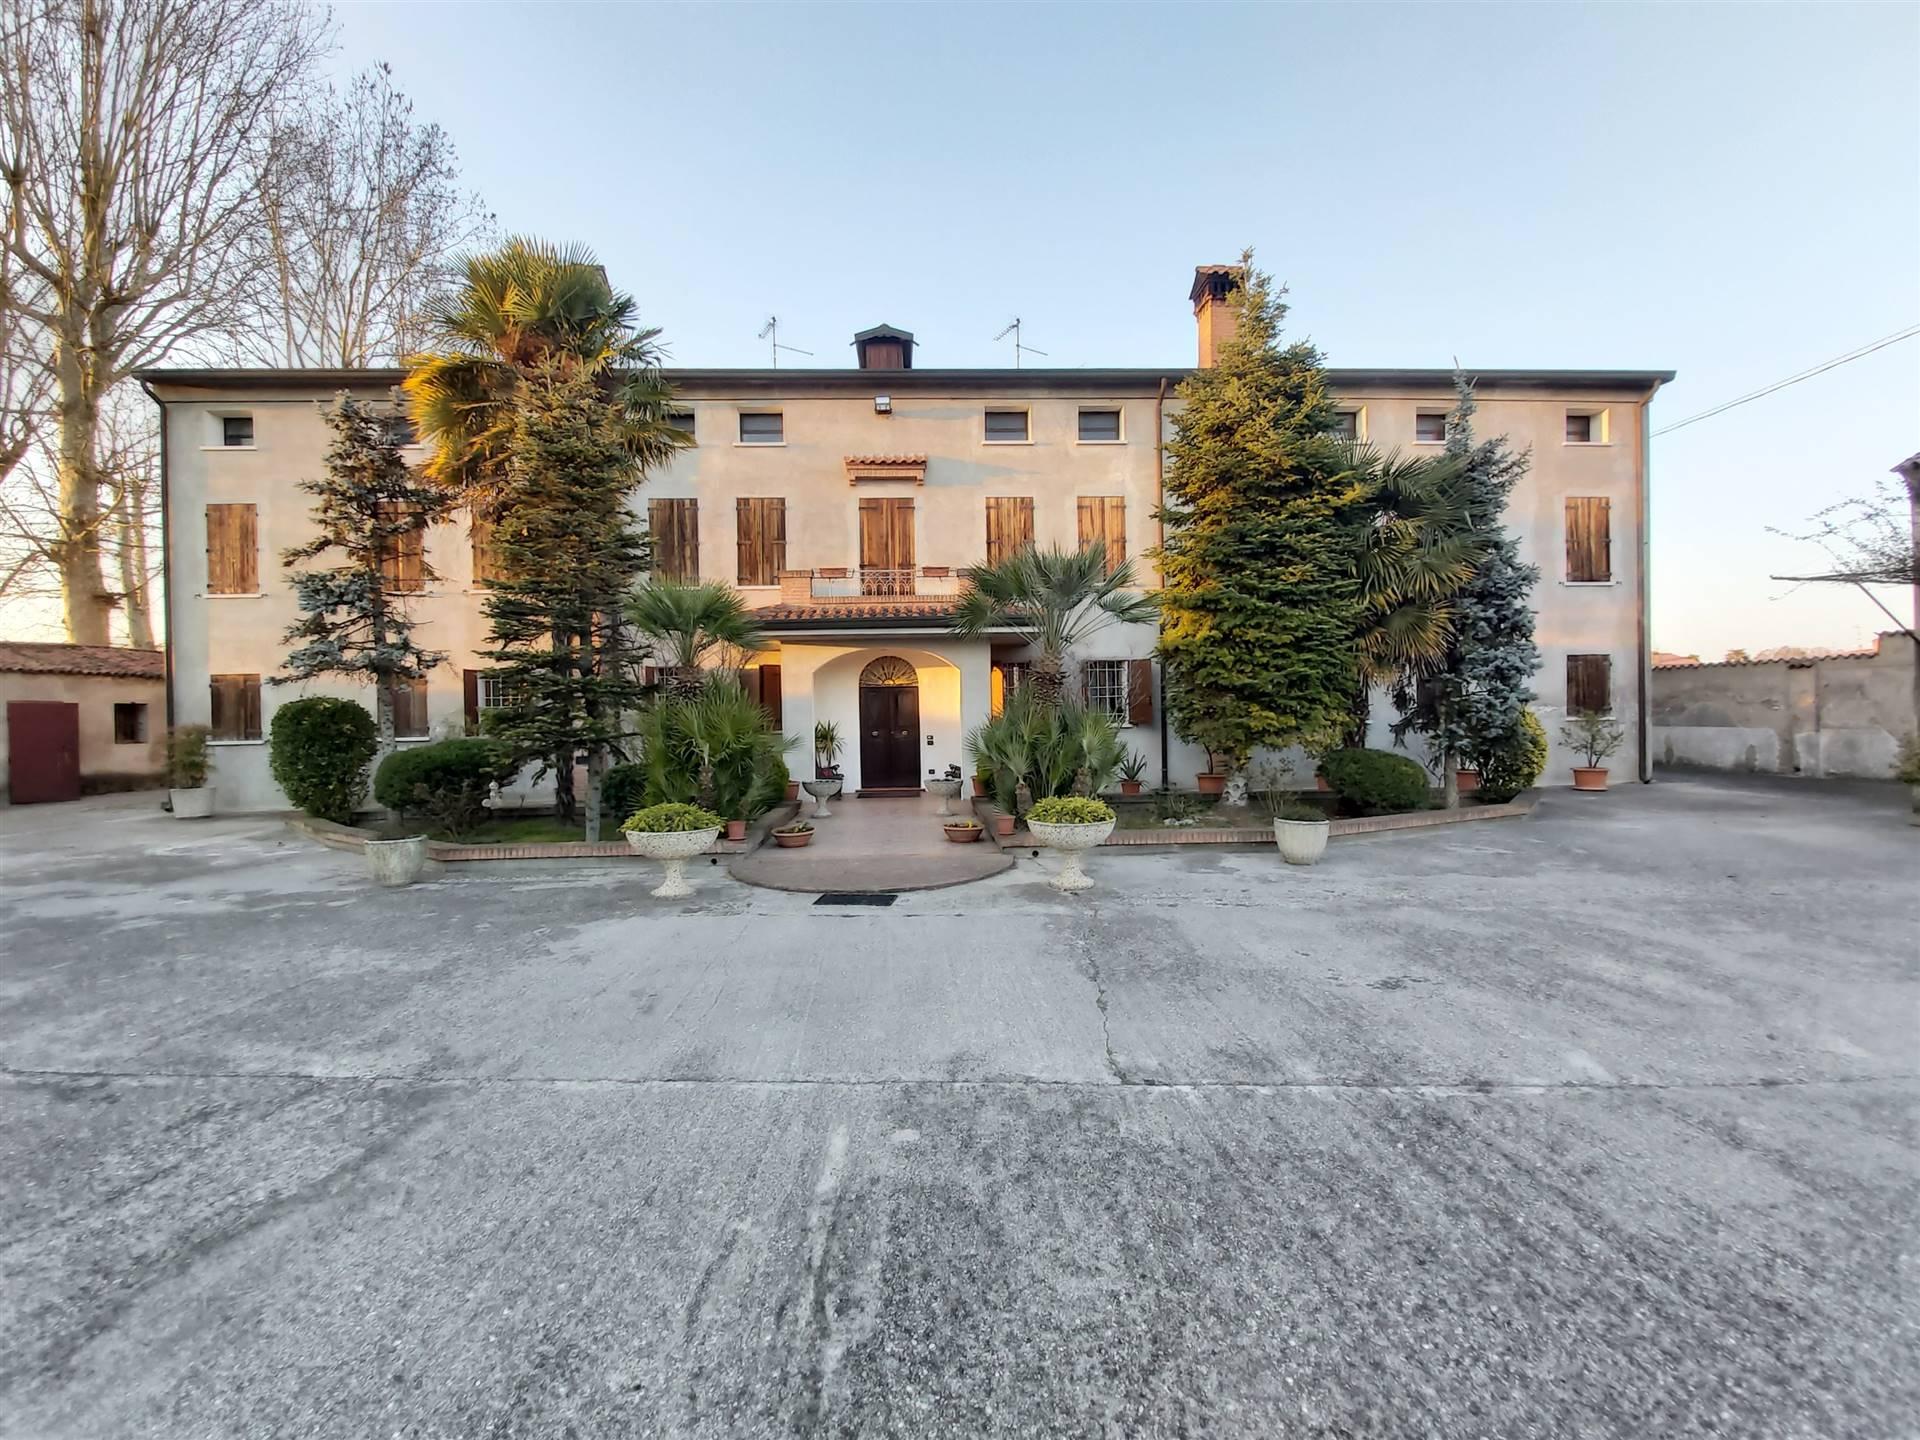 PalazzoaCASTAGNARO